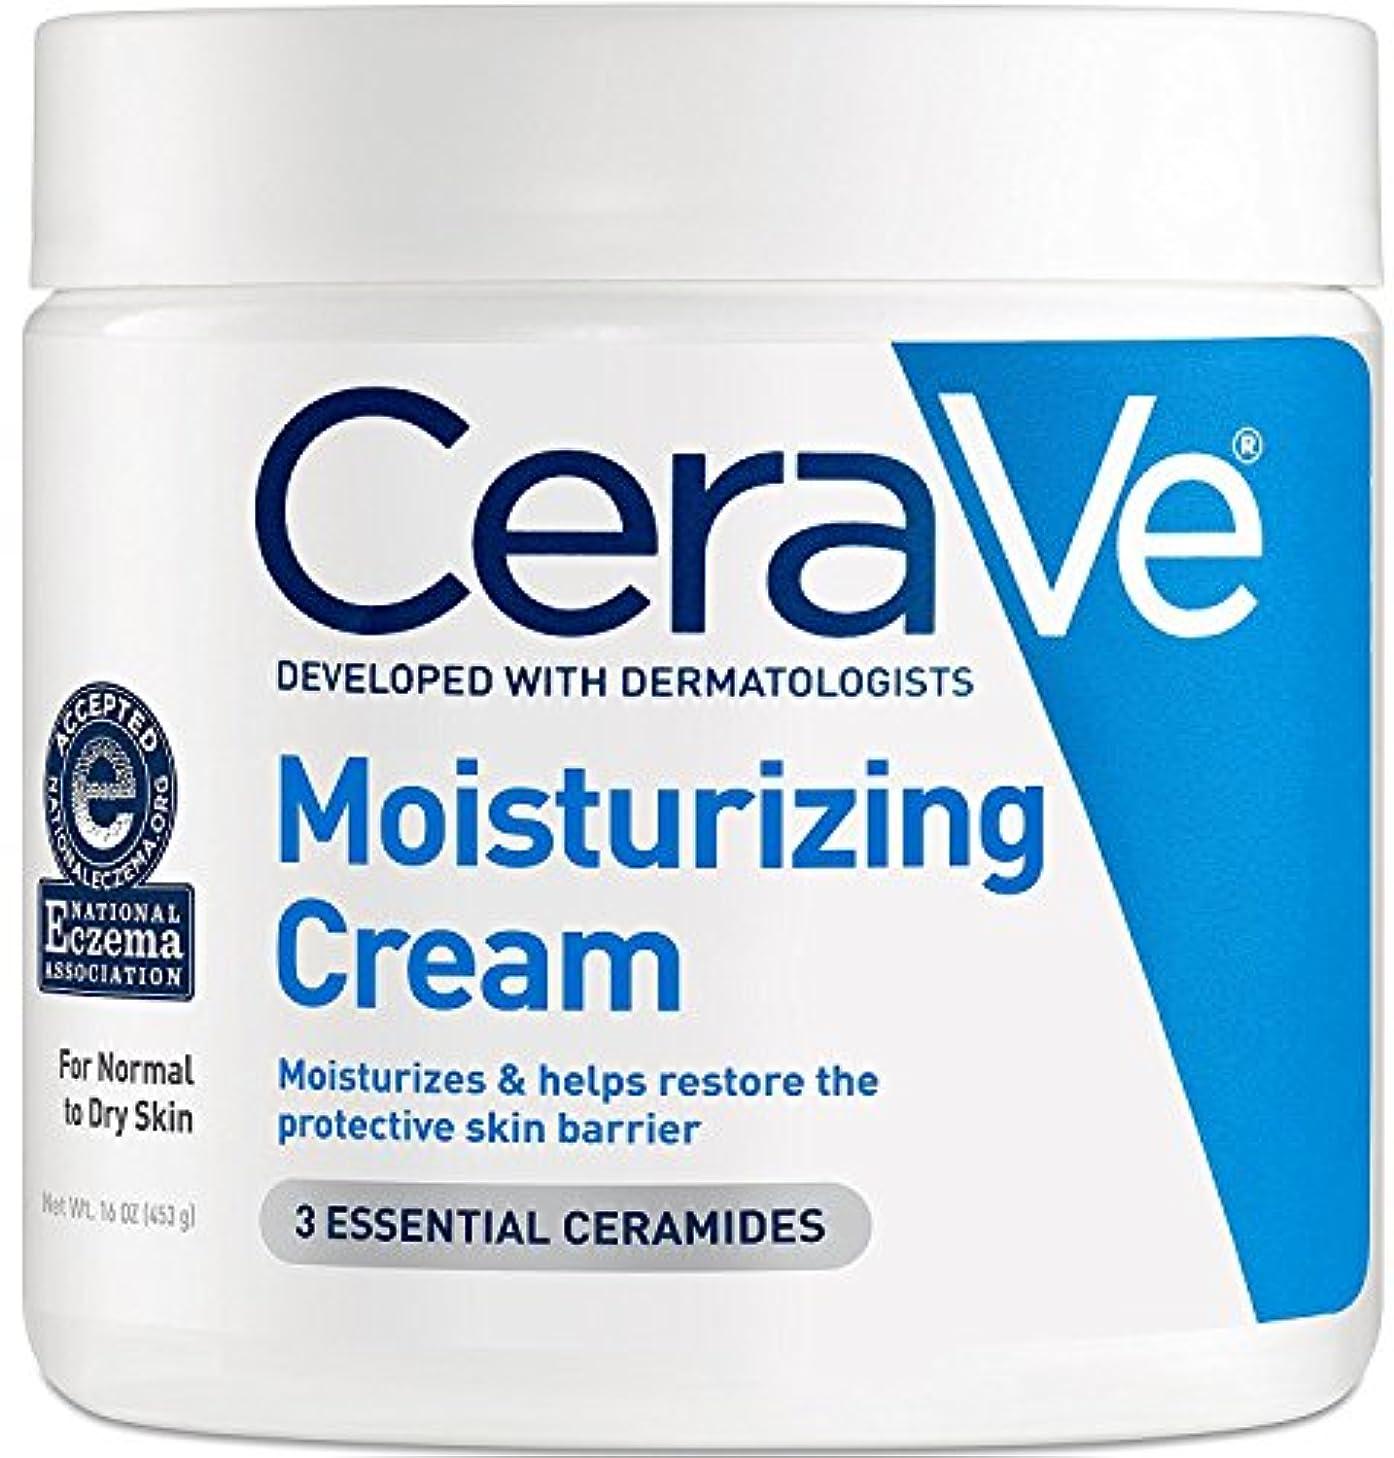 雑多な泣き叫ぶ潤滑するCerave Moisturizing Cream, 16 oz [並行輸入品]